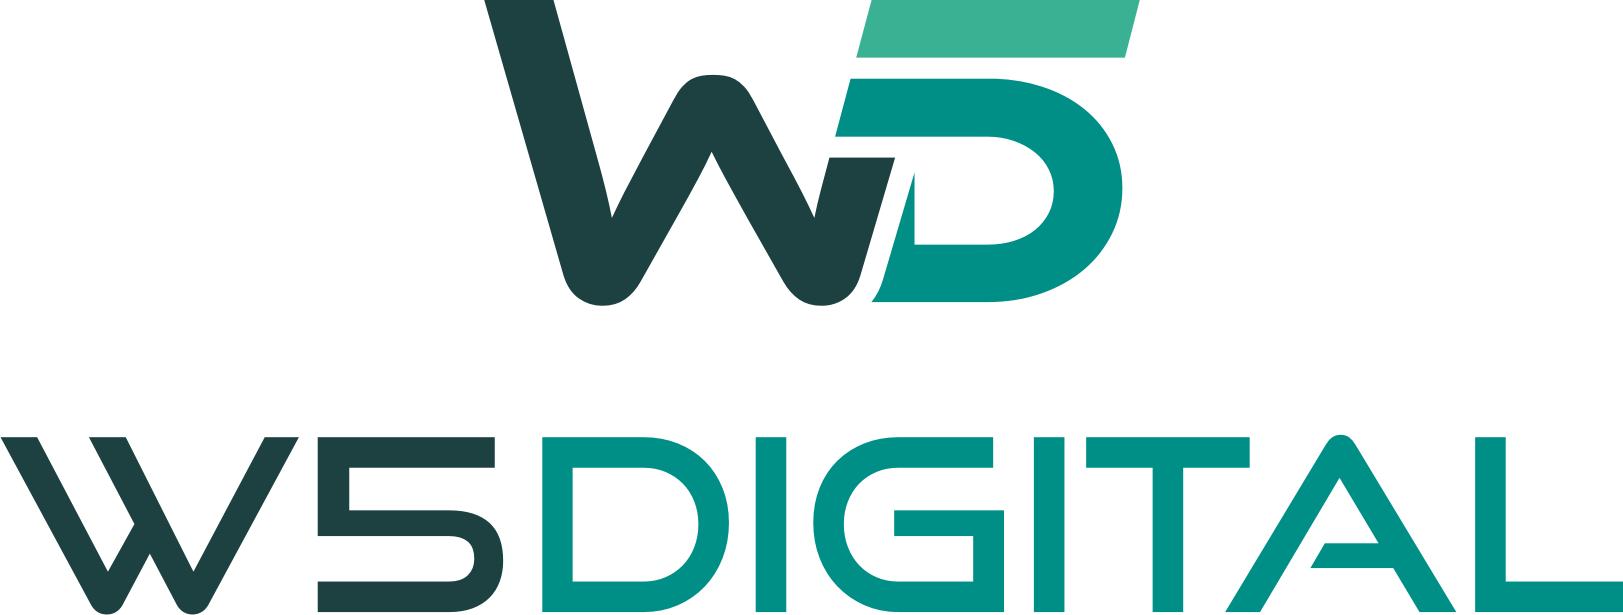 Young new tech start up needs logo